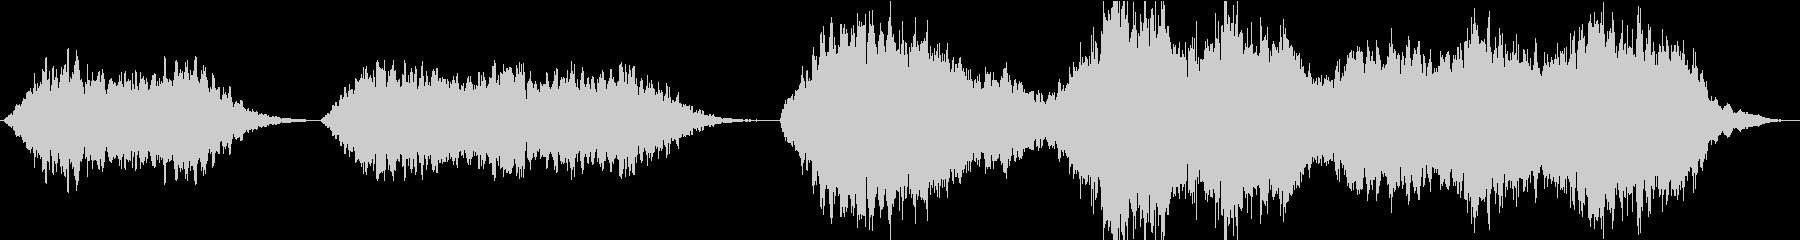 神聖な雰囲気のコーラス(聖歌隊)の未再生の波形